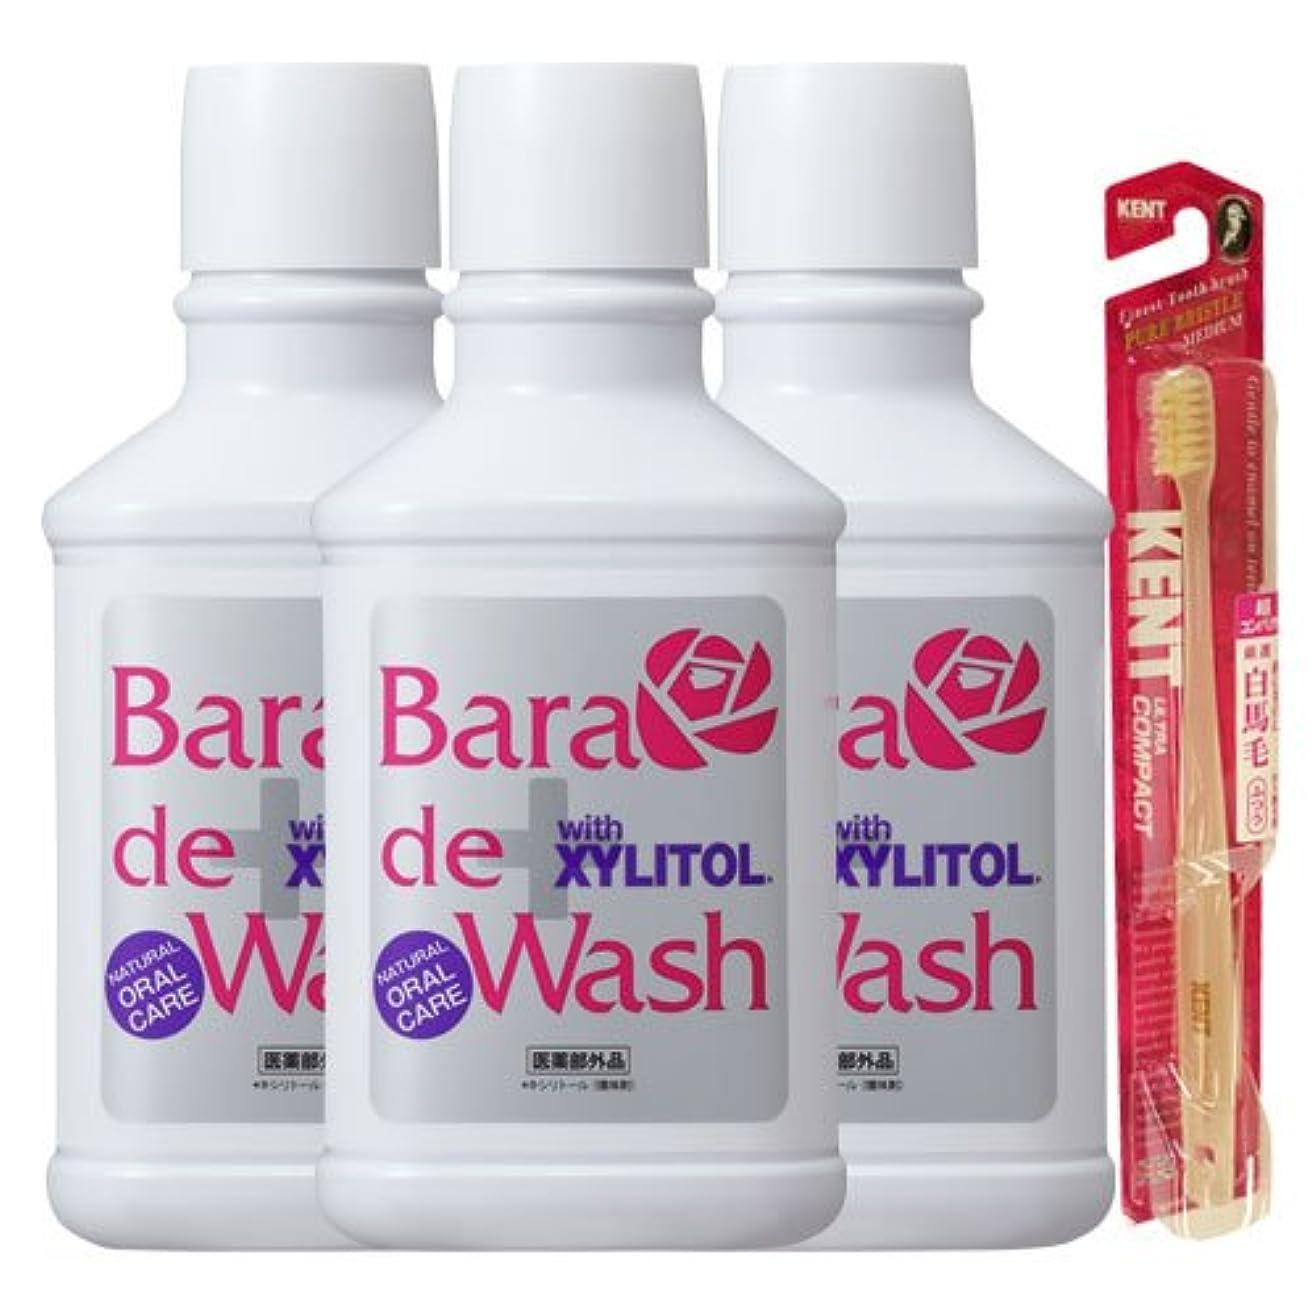 永久に熱狂的な普遍的な薬用バラデウォッシュ 500ml 3本& KENT歯ブラシ1本プレゼント